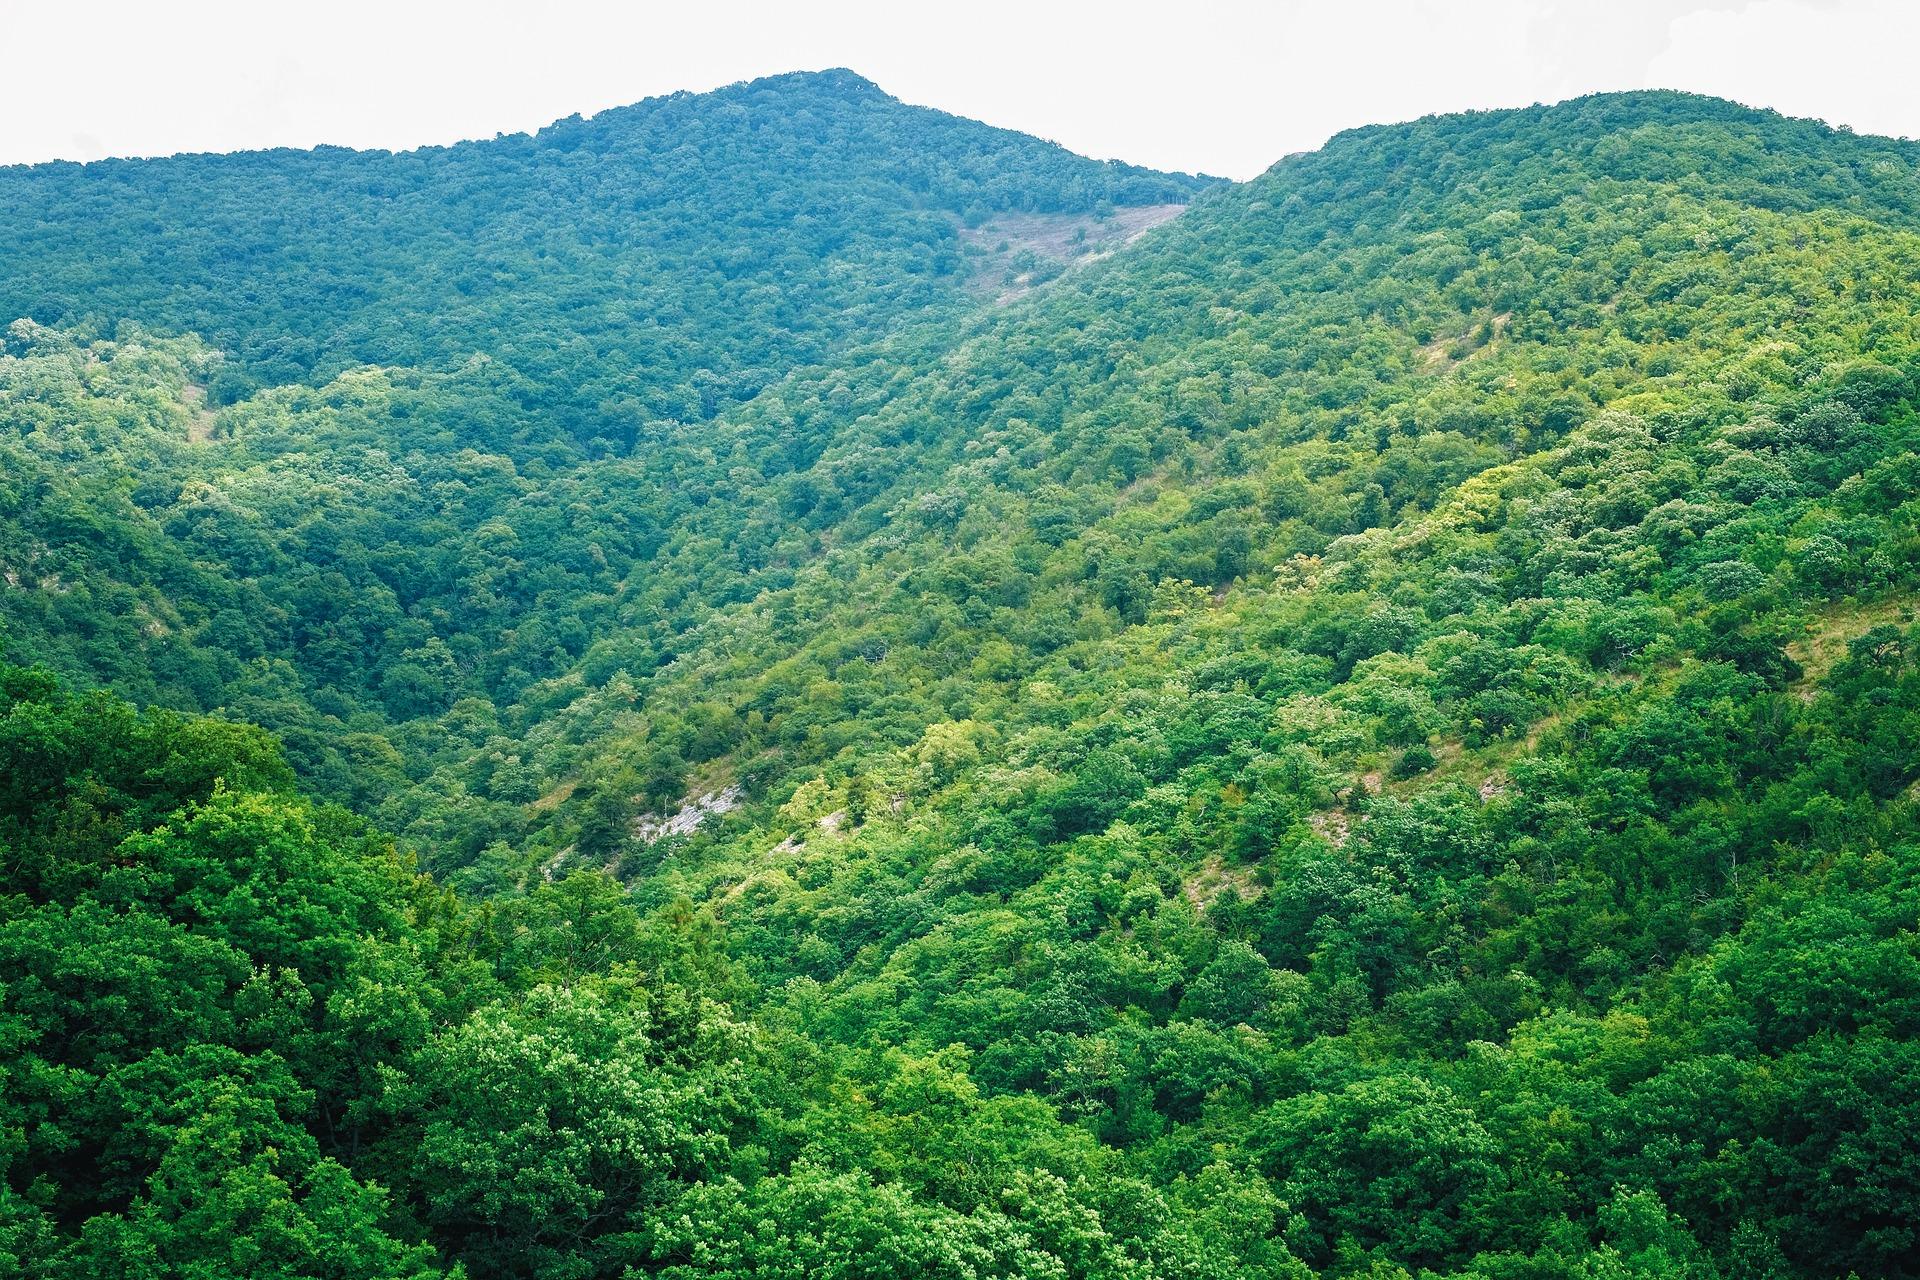 Lush Green Mountains, Green, Landscape, Mountain, Mountainous, HQ Photo